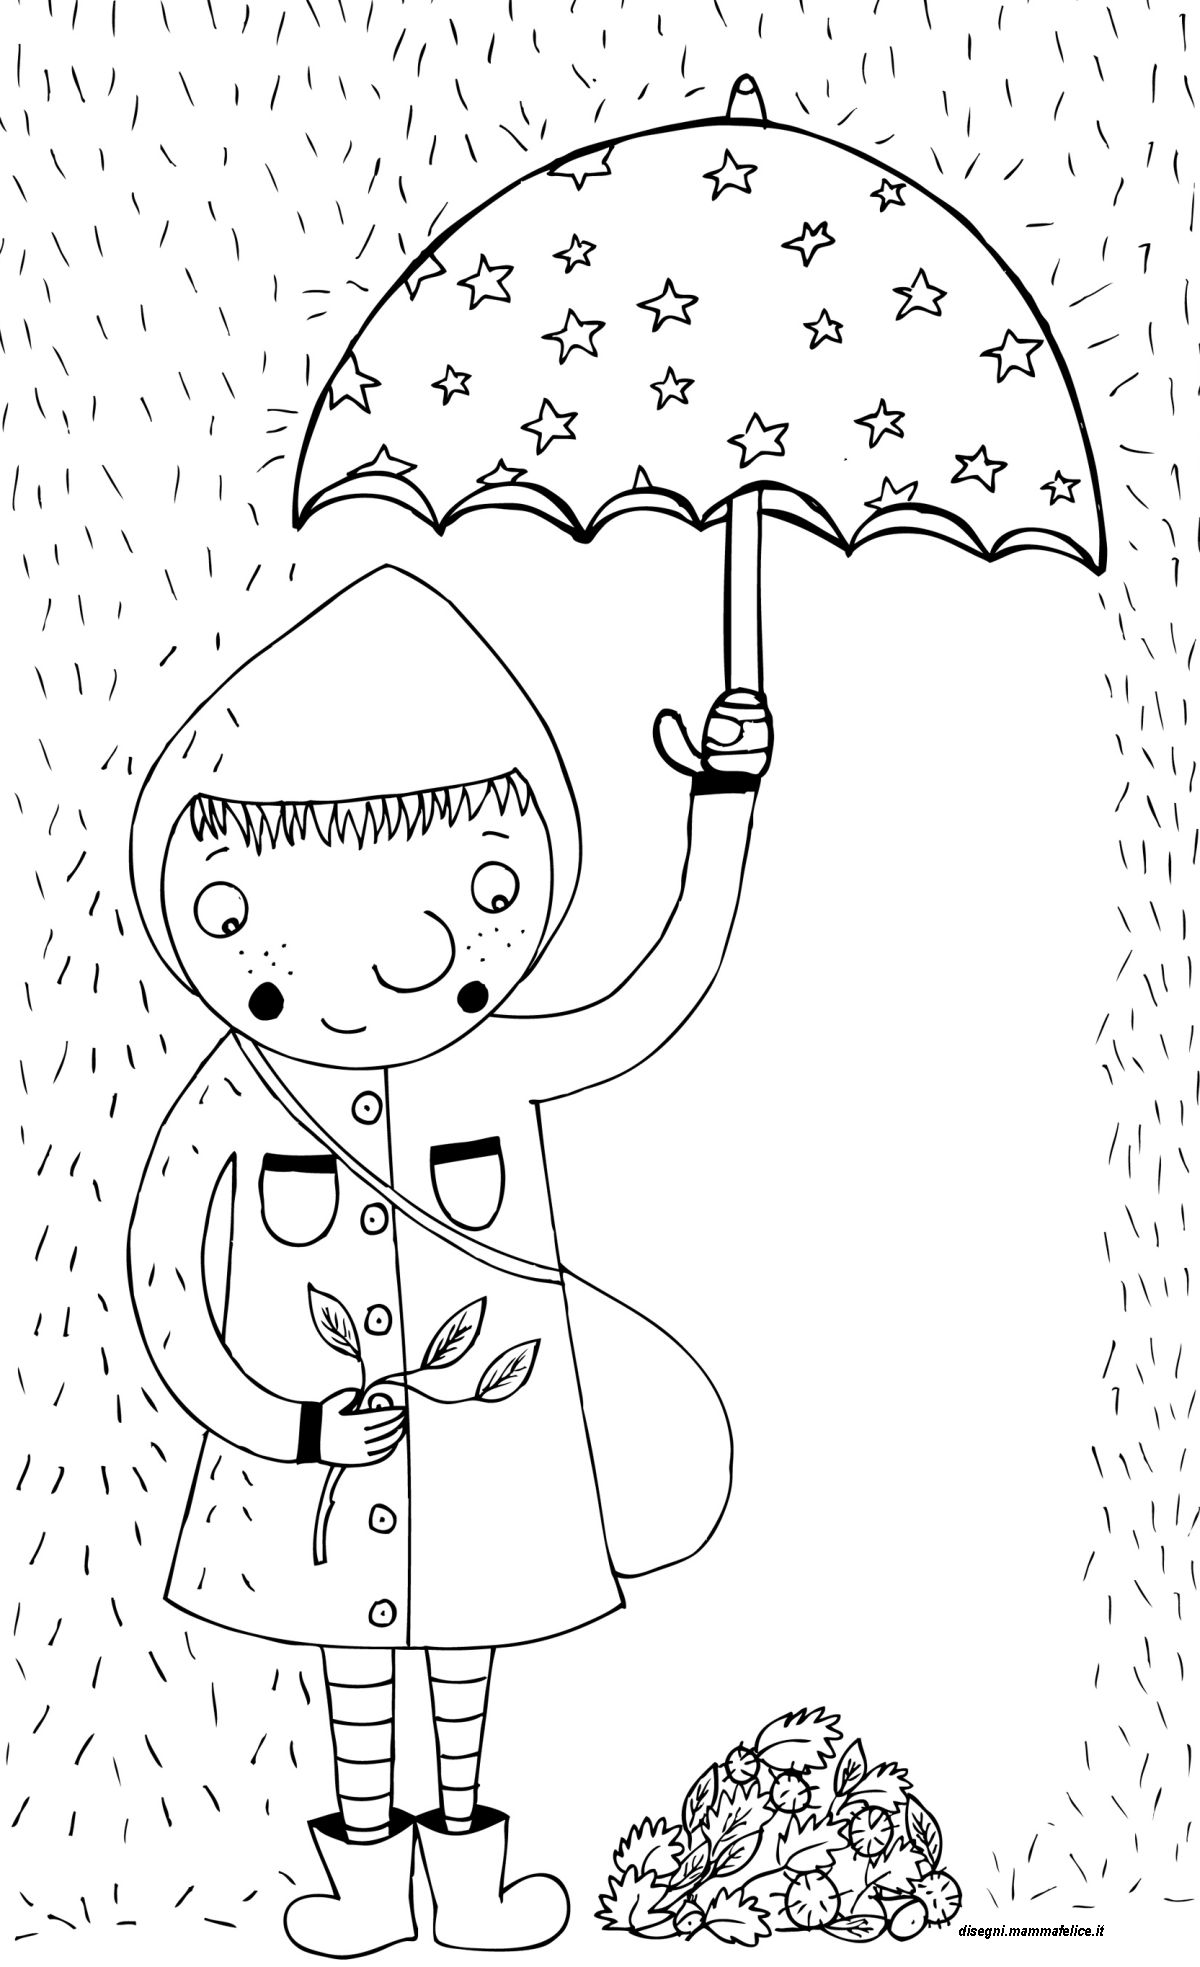 disegni-da-colorare-per-bambini-pioggia-autunno